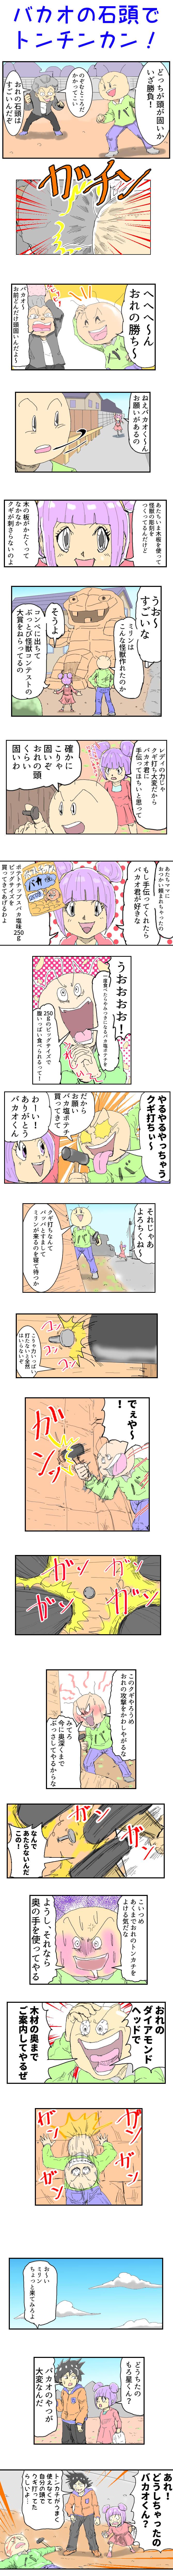 石頭,漫画